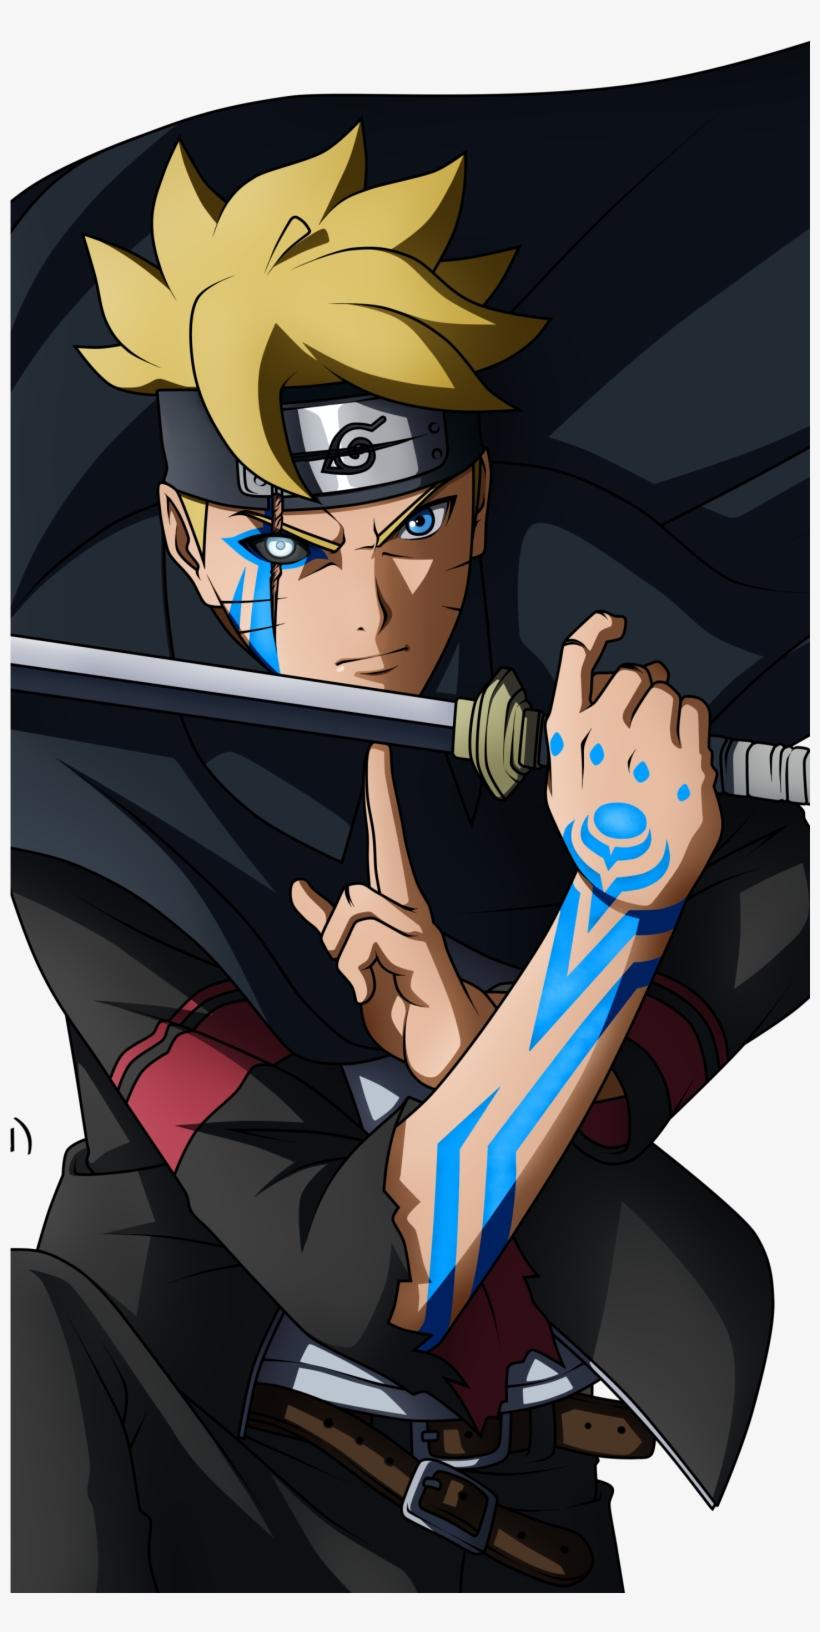 Anime / Boruto Mobile Wallpaper - Anime Wallpaper 4k For Mobile , HD Wallpaper & Backgrounds